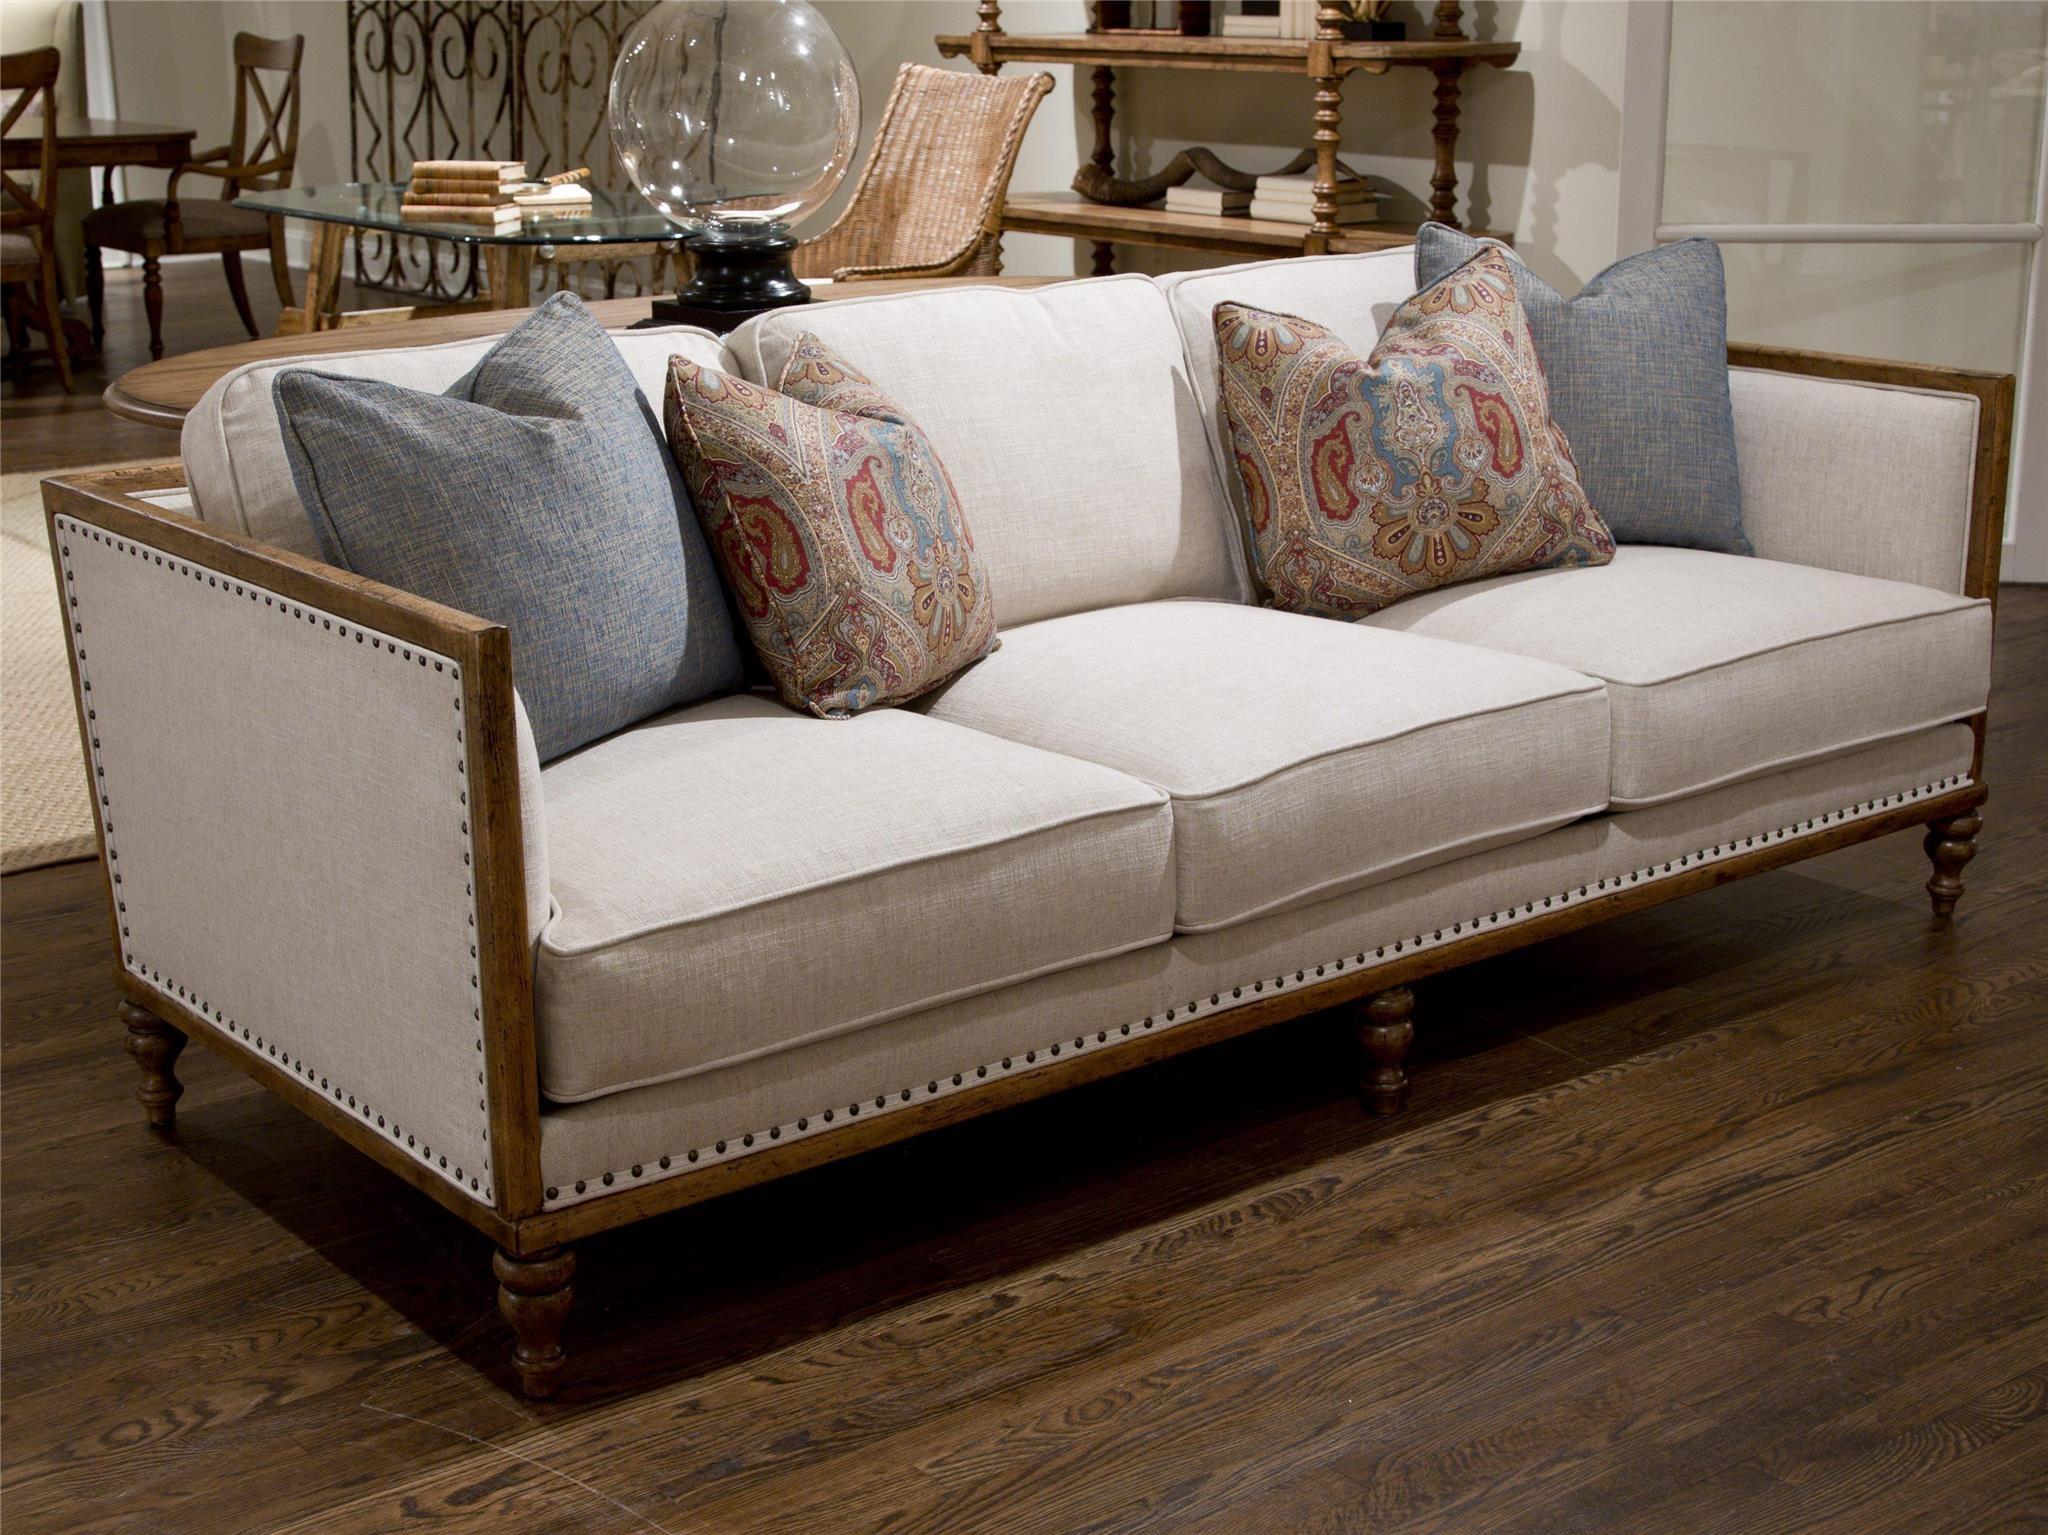 Fine living room furniture